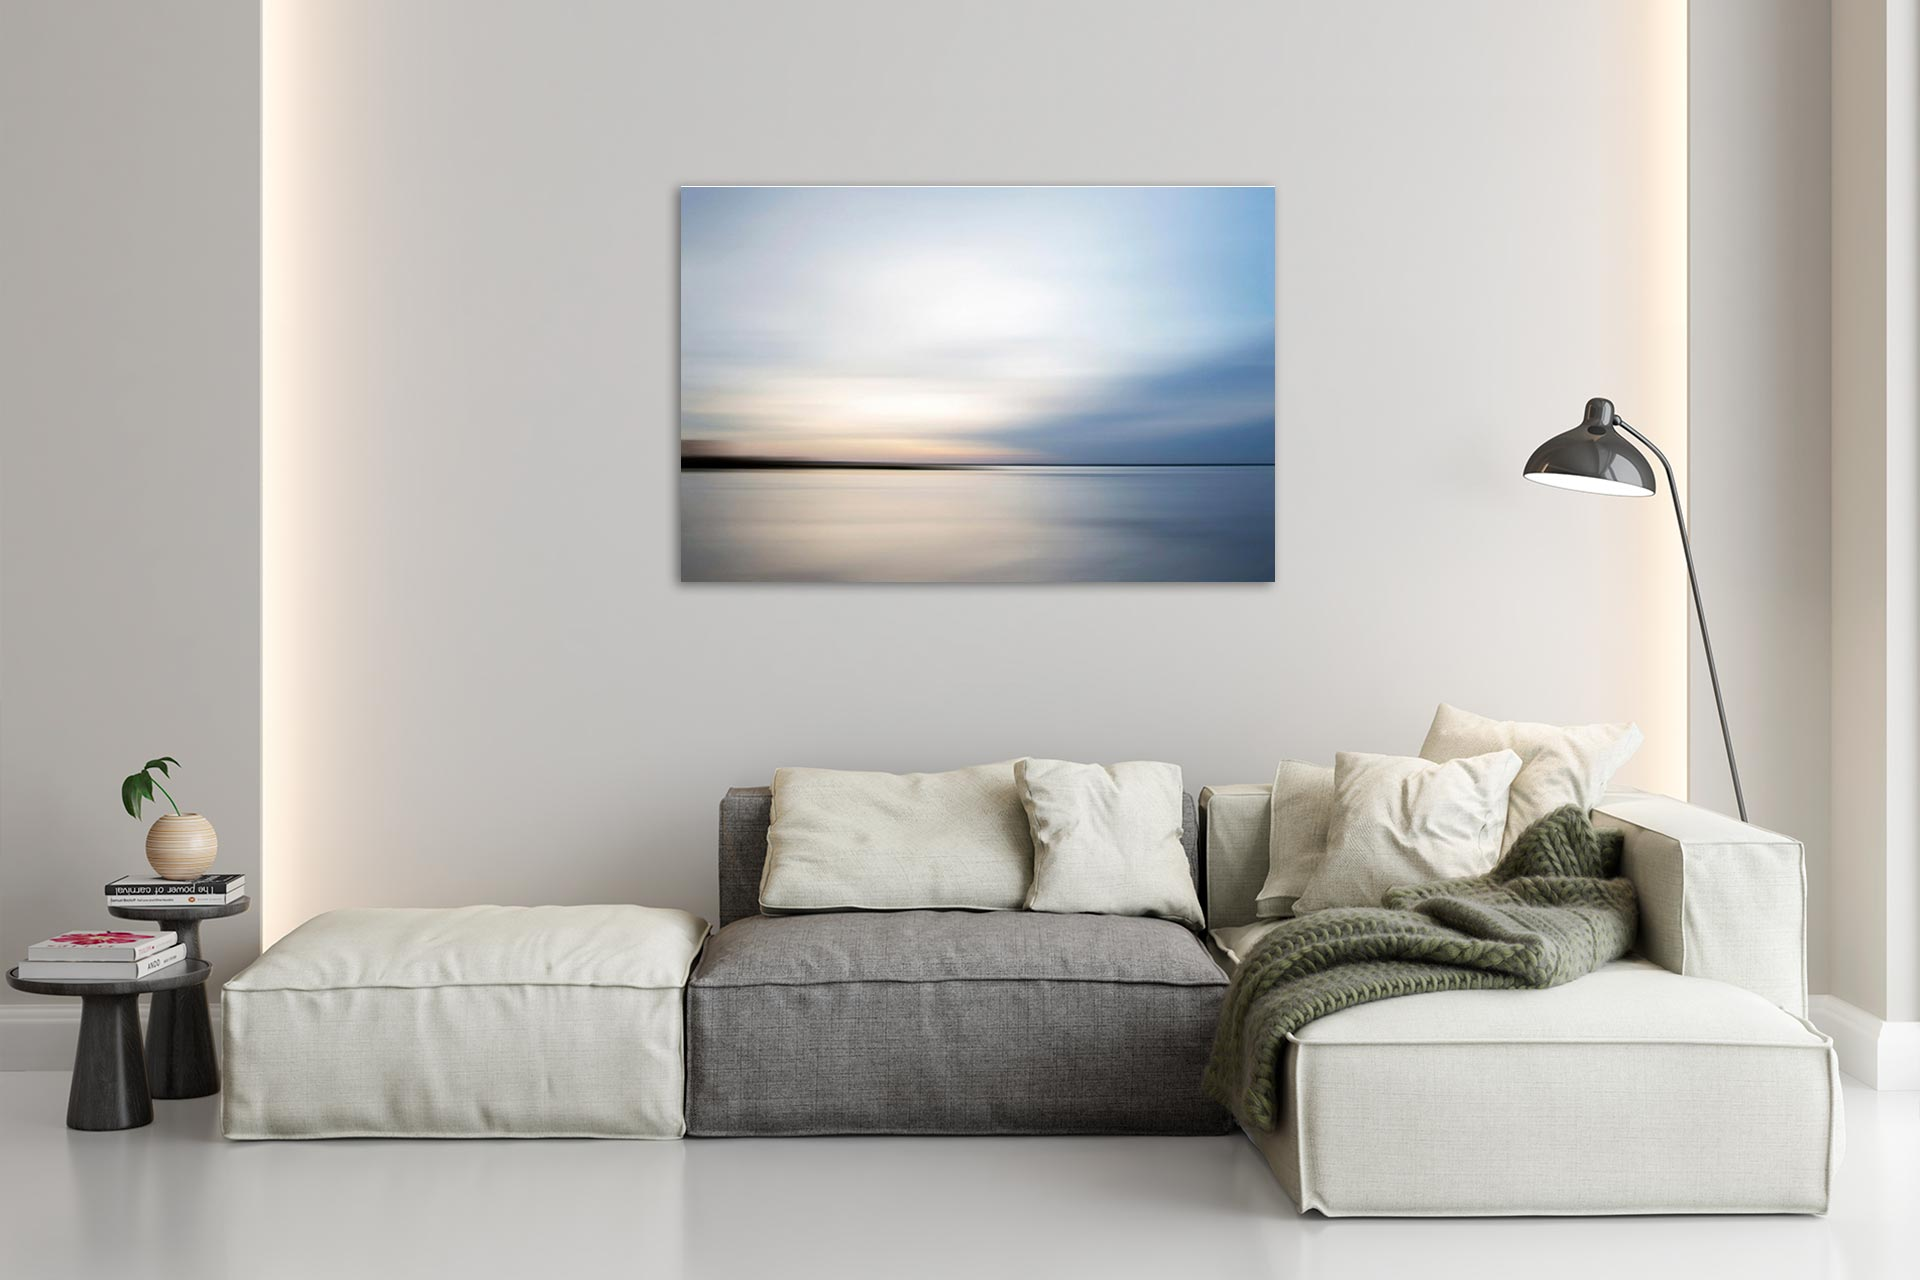 LCW202-drueben-wandbild-bild-auf-leinwand-acrylglas-aludibond-wohnzimmer